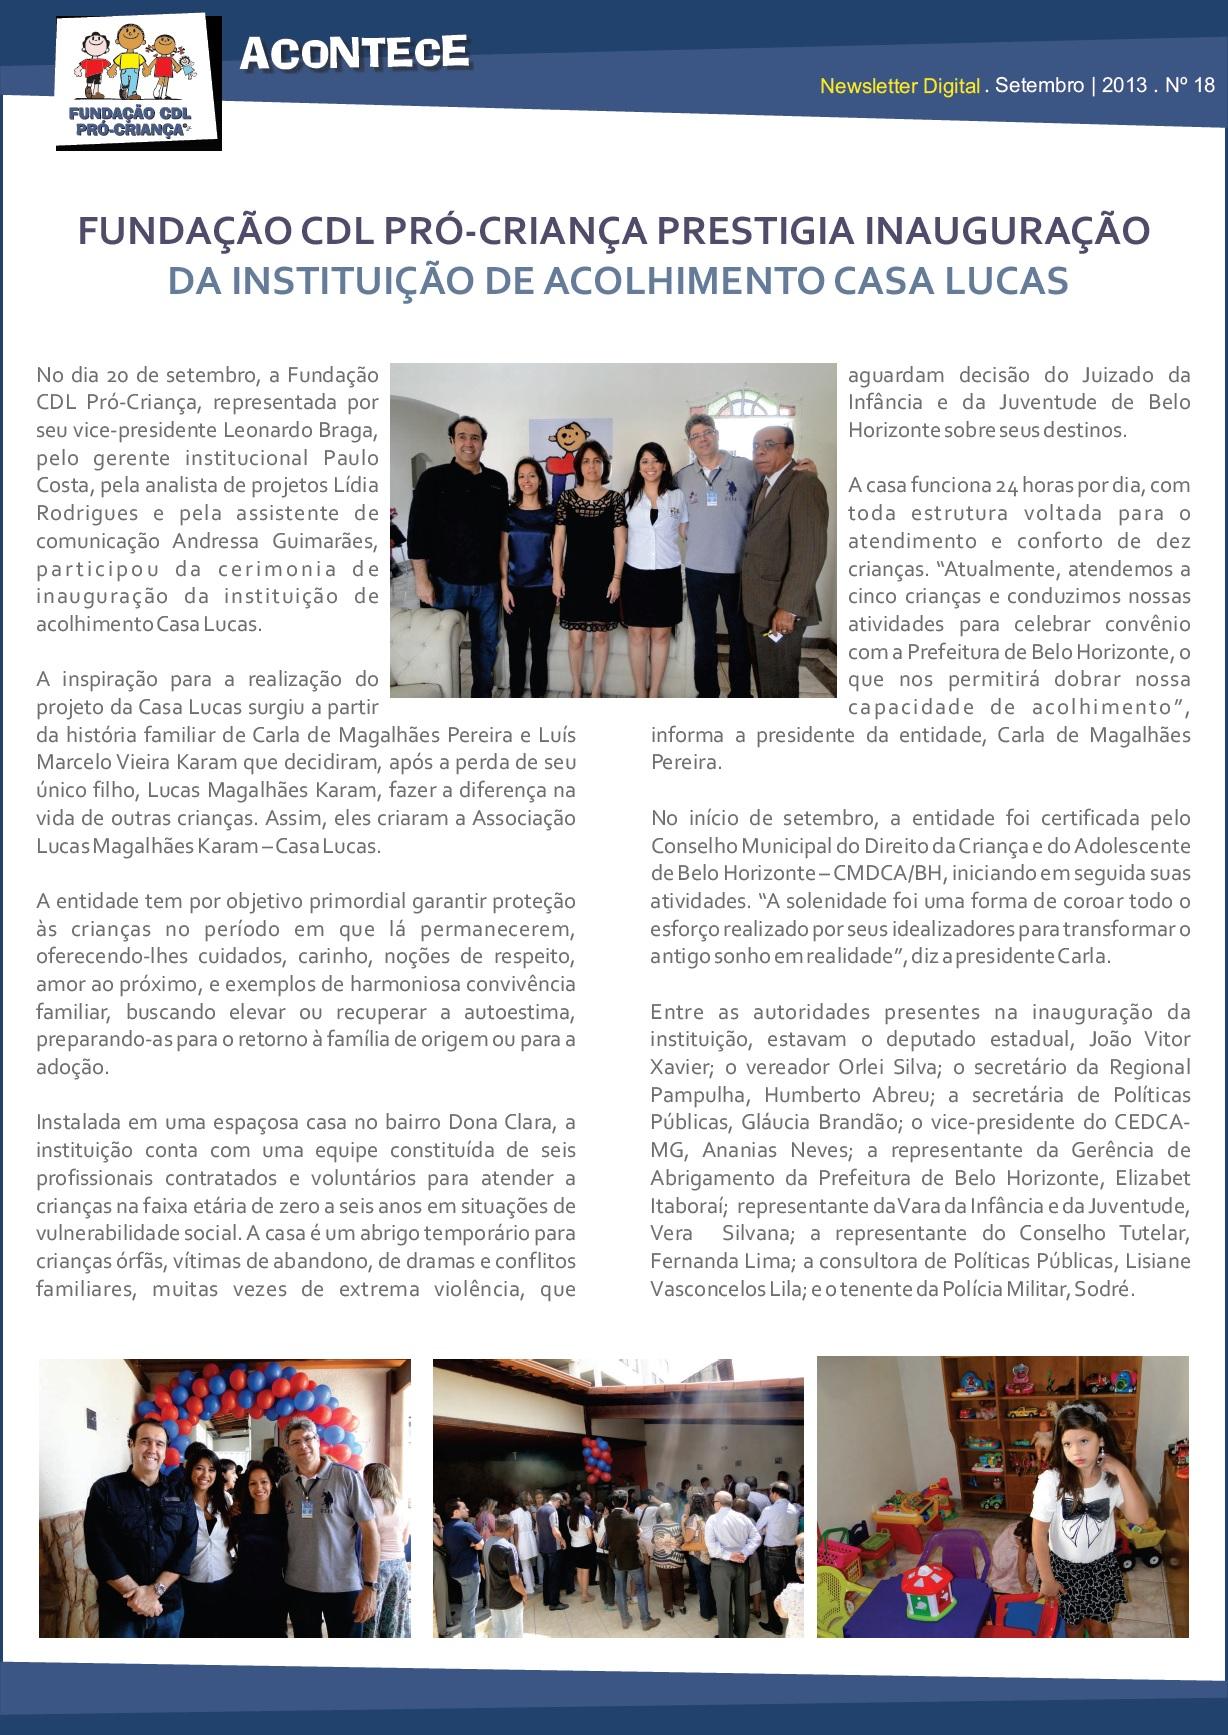 Fundação CDL Pró Criança prestigia inauguração da instituição de acolhimento Casa Lucas